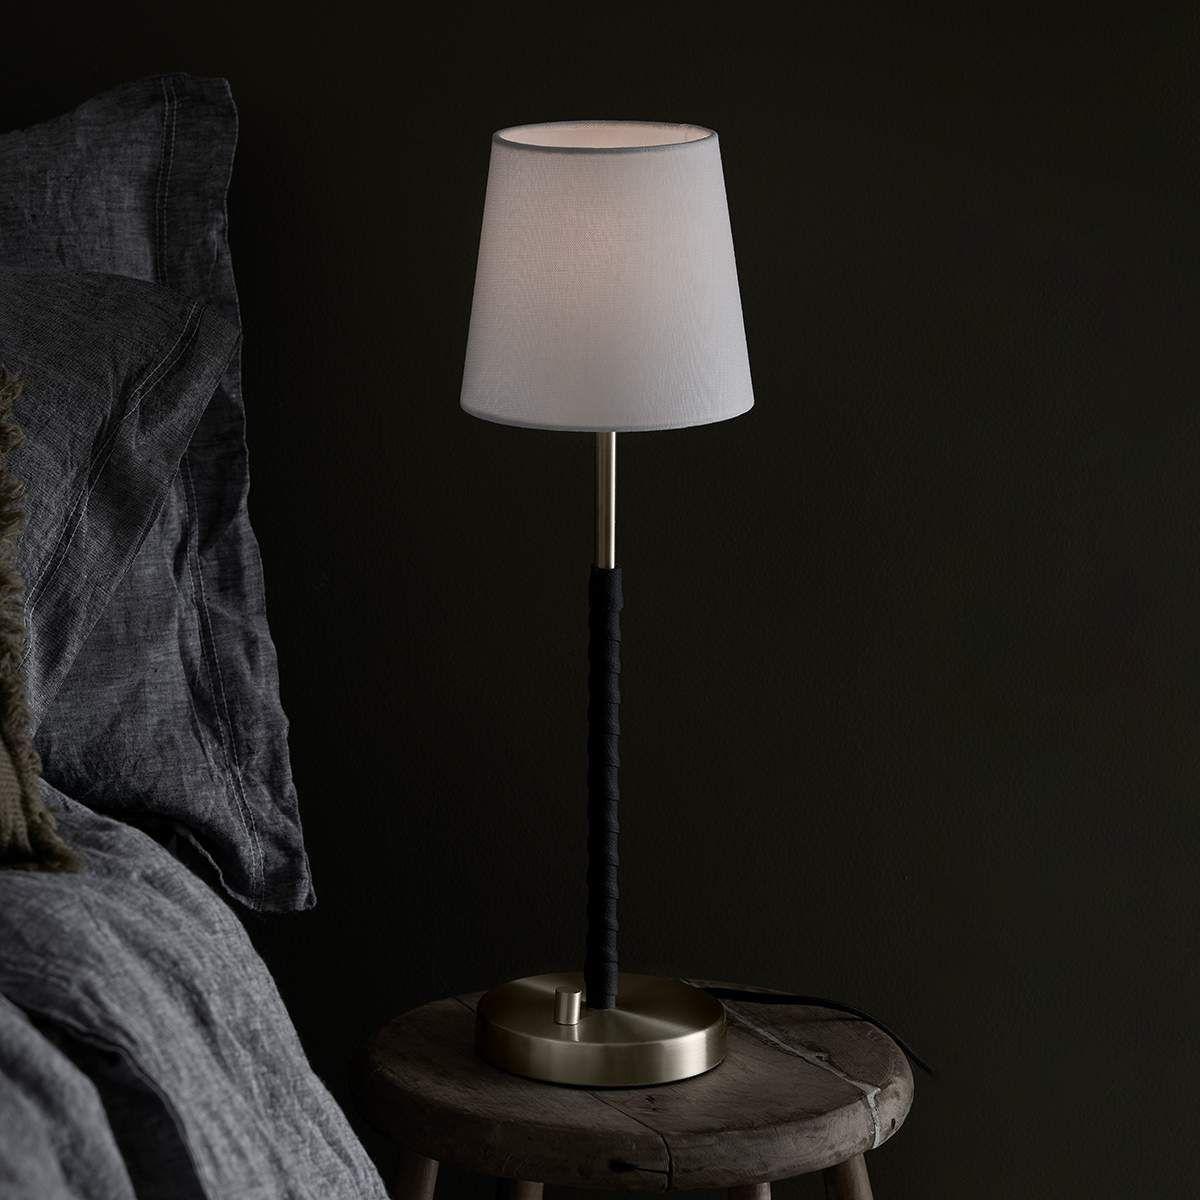 Nachttischleuchte Saddle Von Markslojd Gold Tischleuchte Lampen